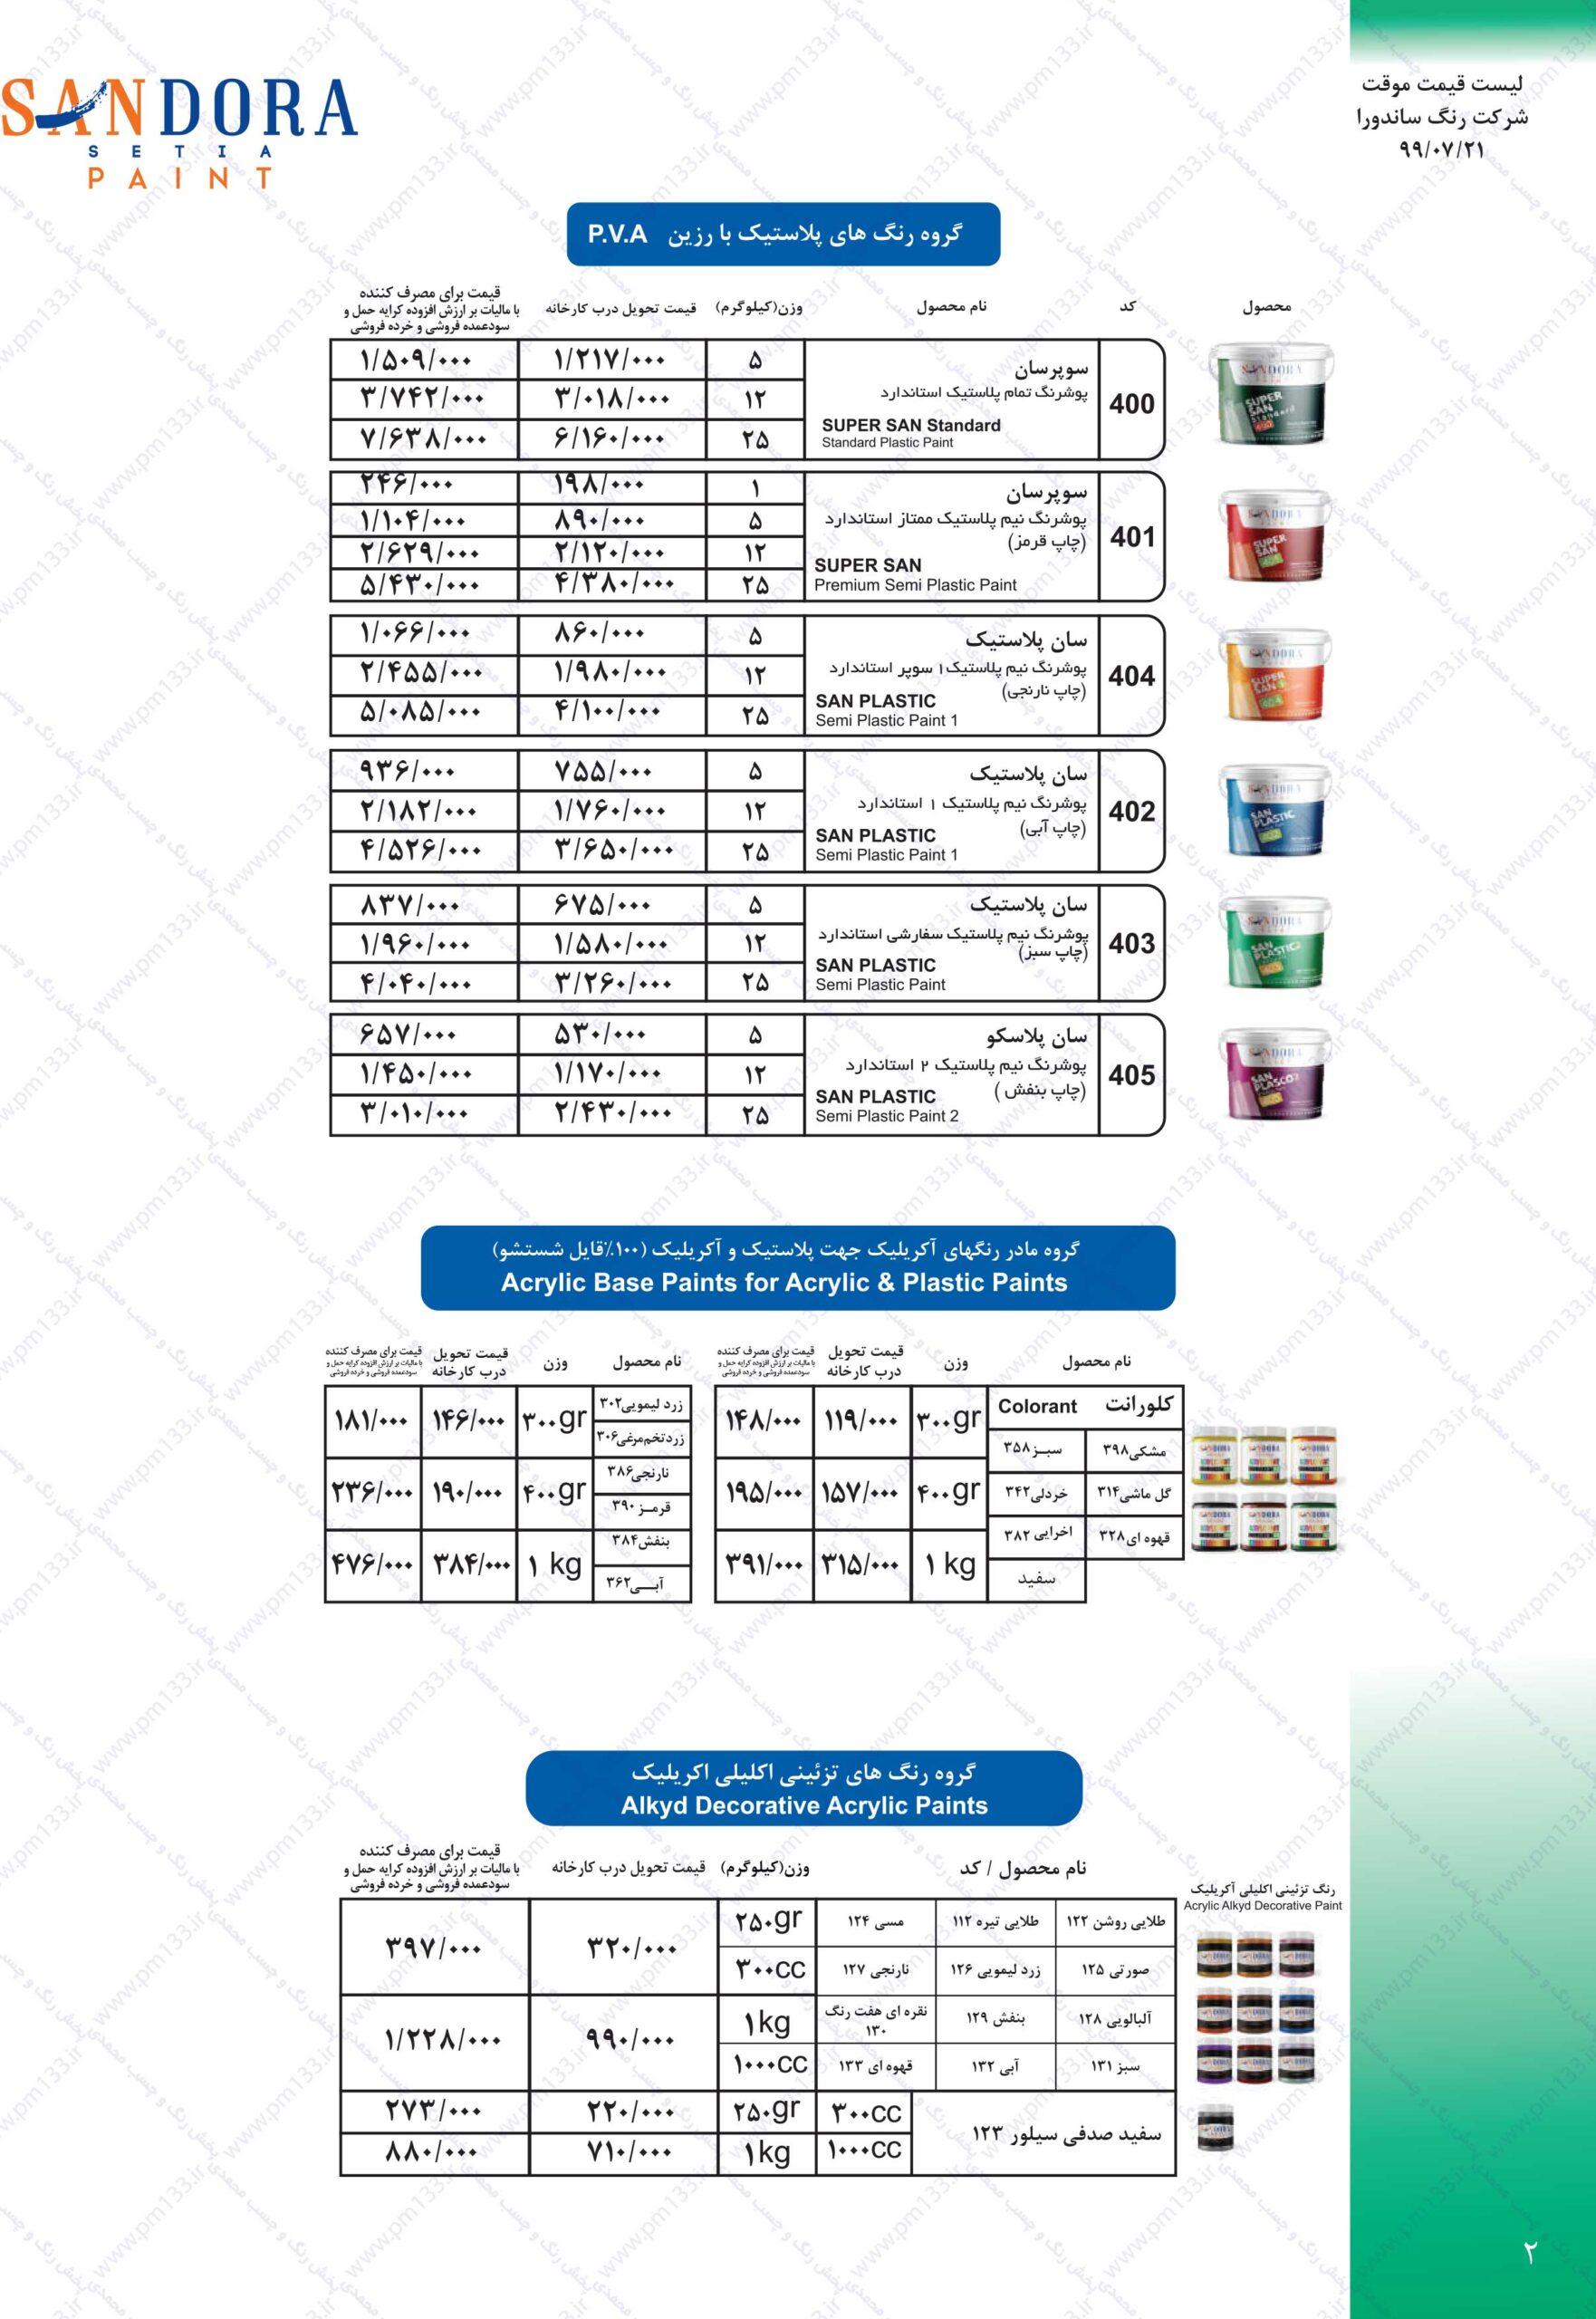 ساندورا لیست قیمت رنگ ساندورا21-07-99 صفحه دوم